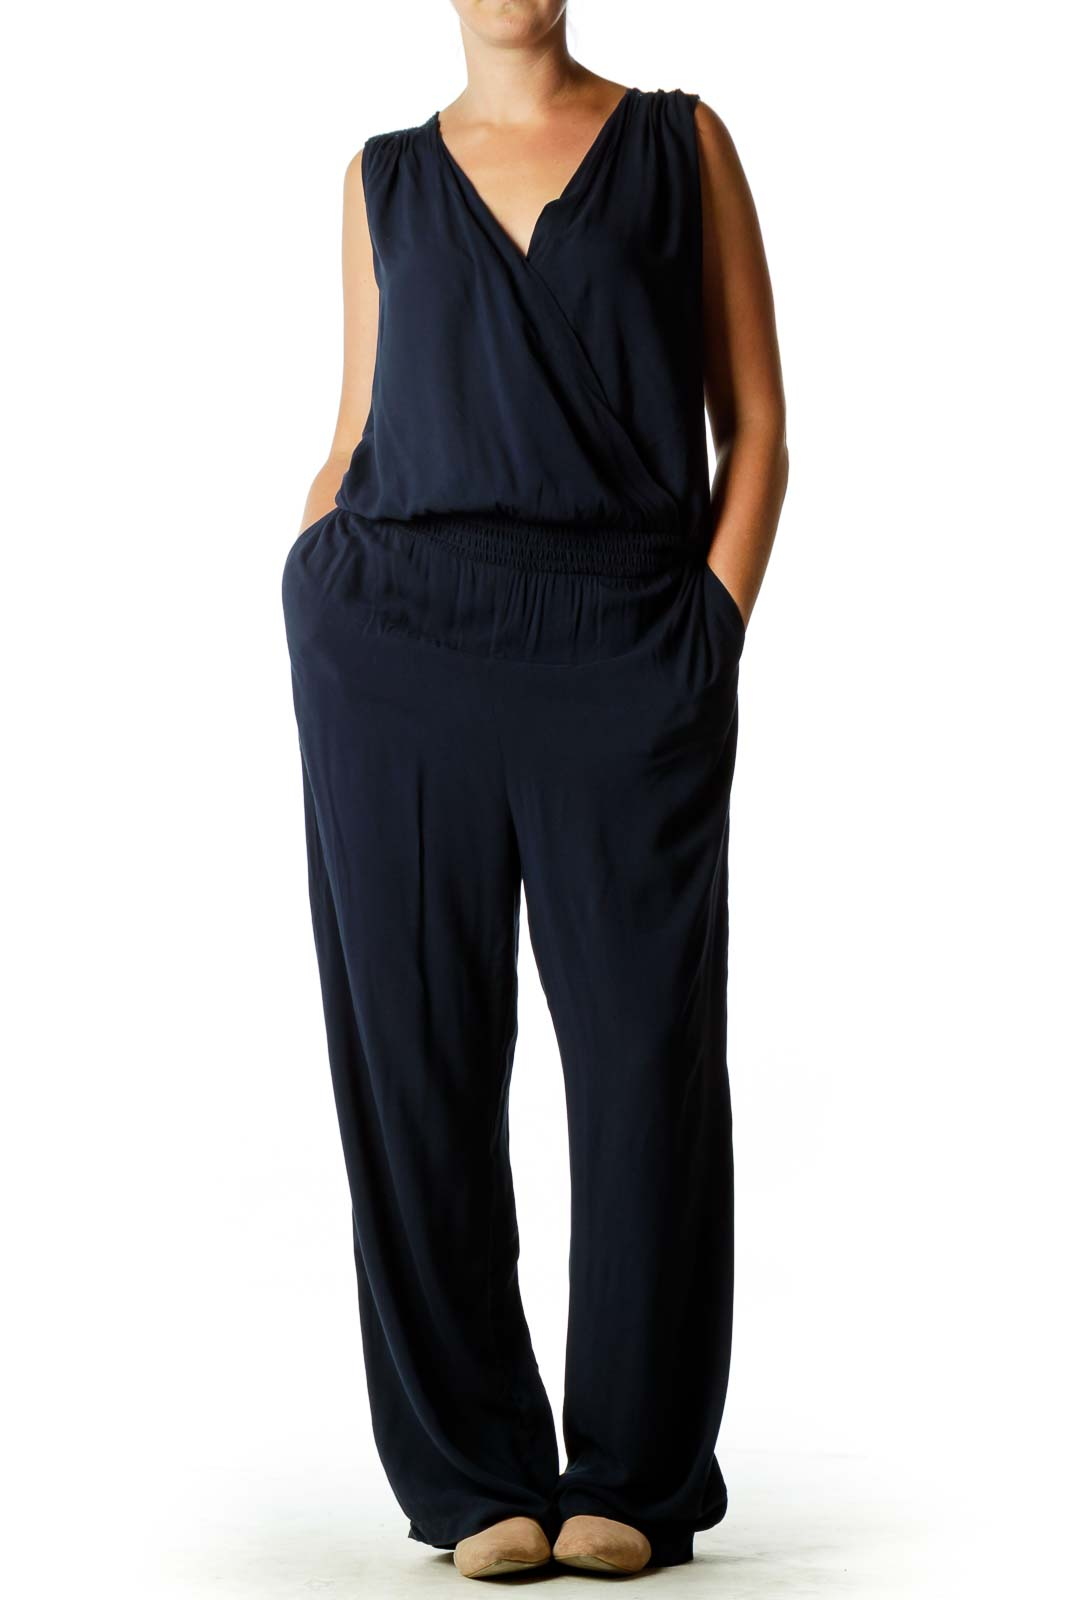 Navy Lace Back Jumpsuit